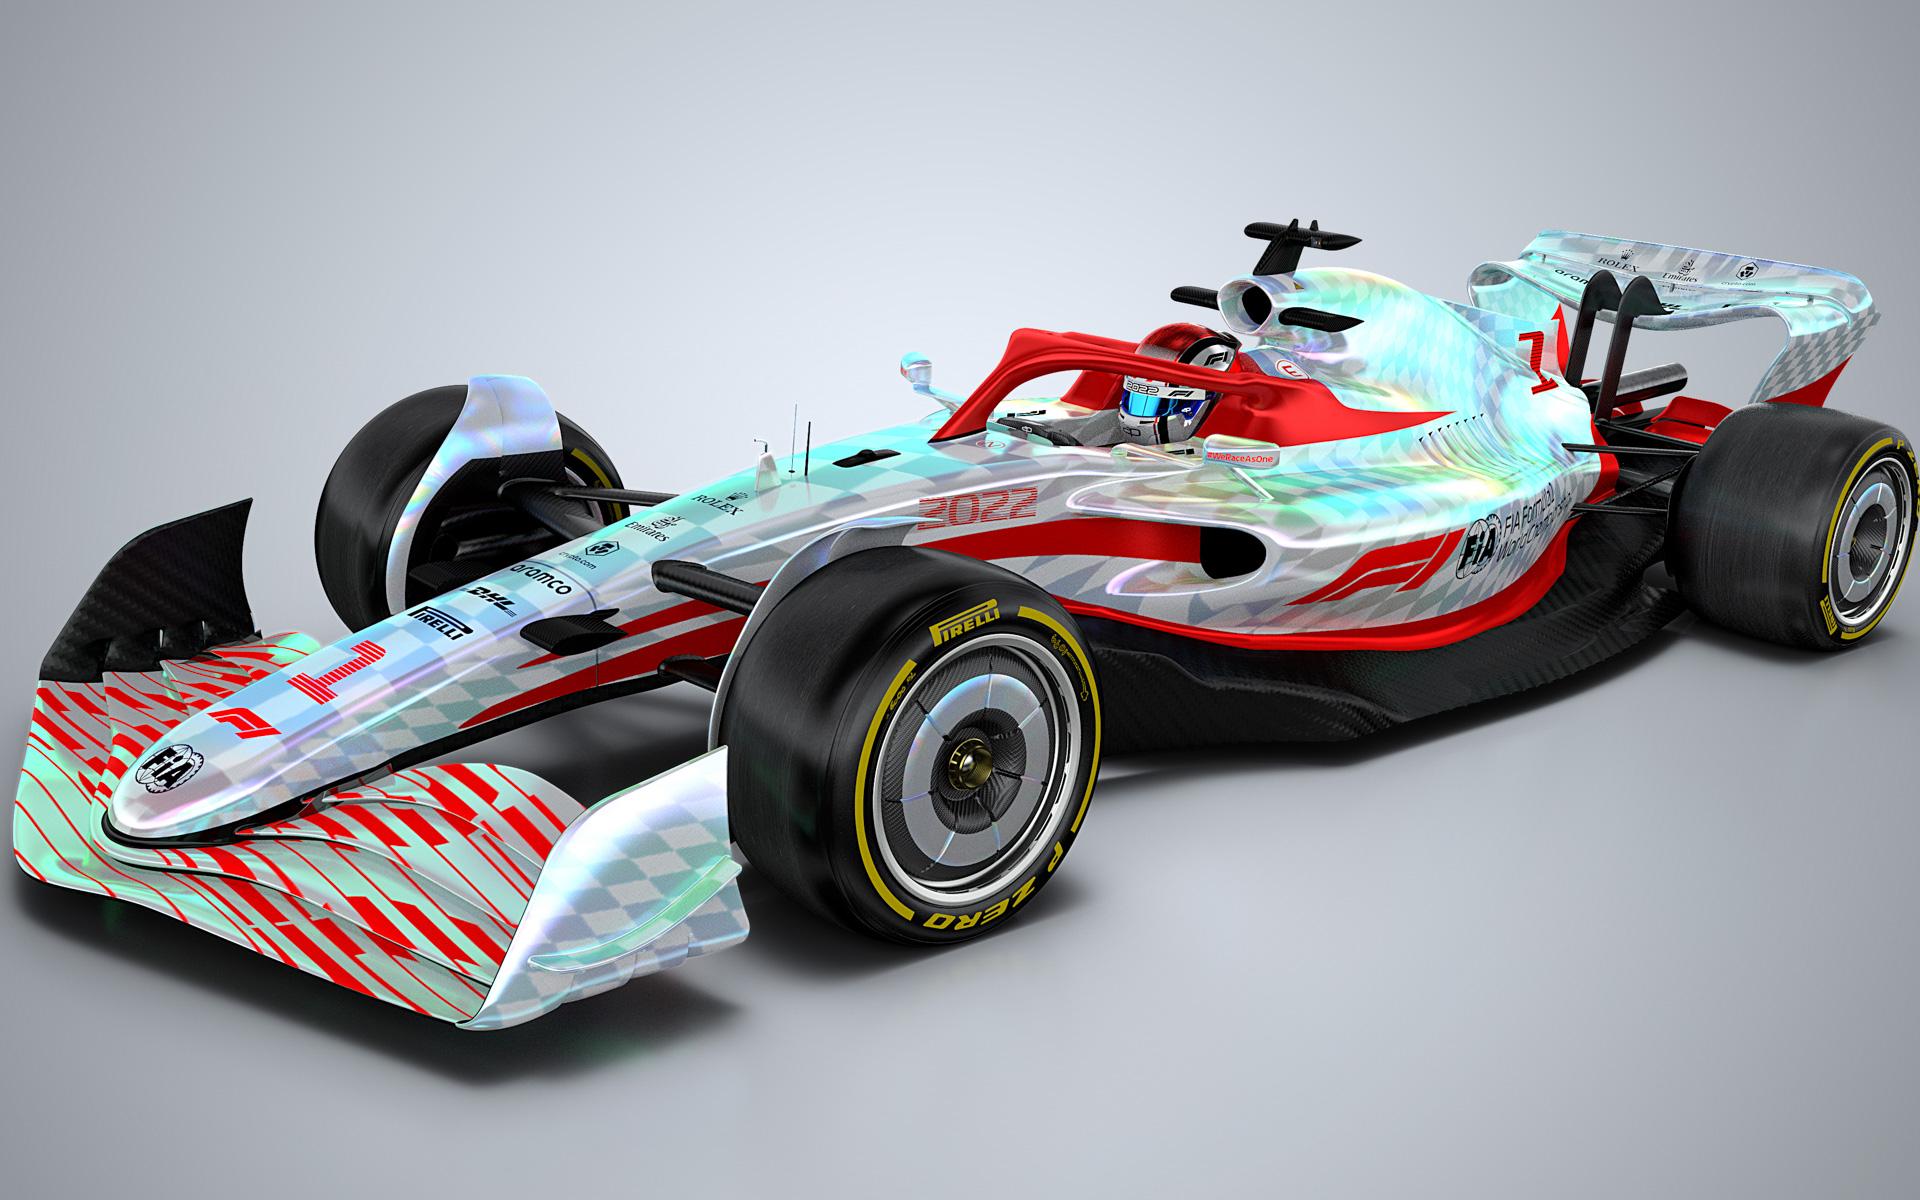 F1が公開した2022年規定のプロトタイプ車両